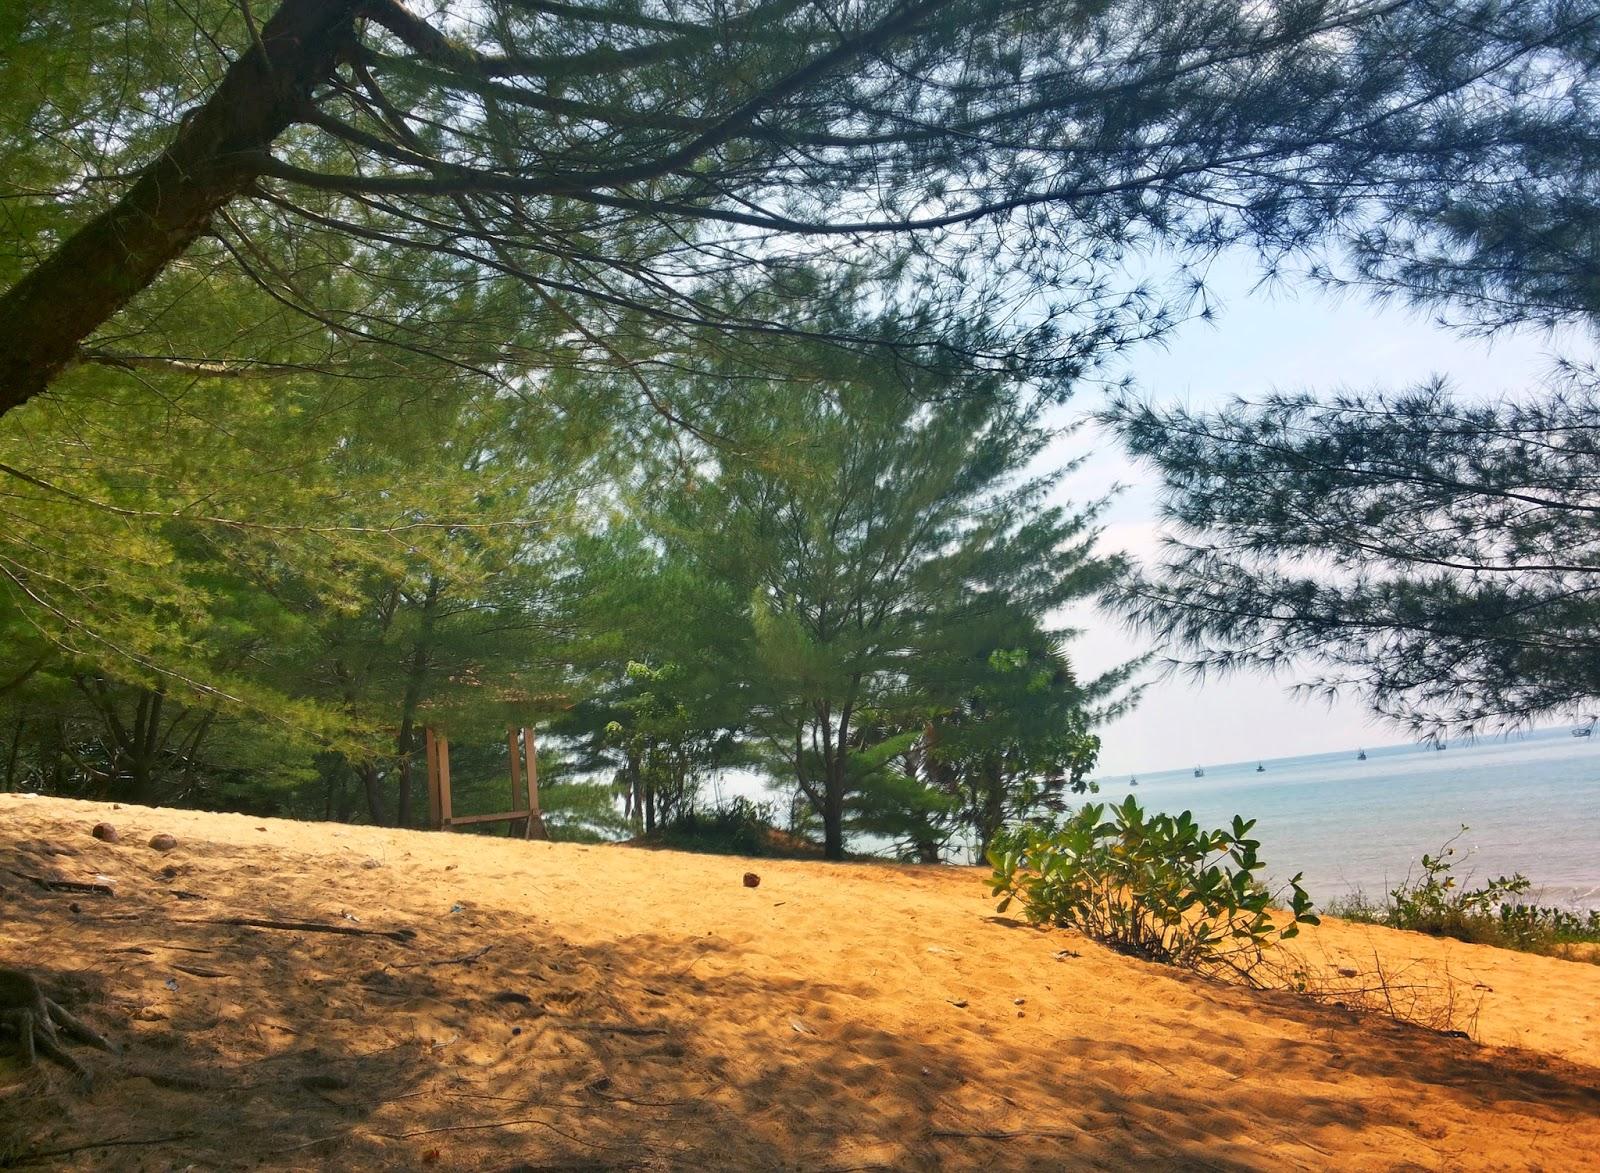 Uniknya Gundukan Pasir Berhias Cemara Udang di Pantai Slopeng.